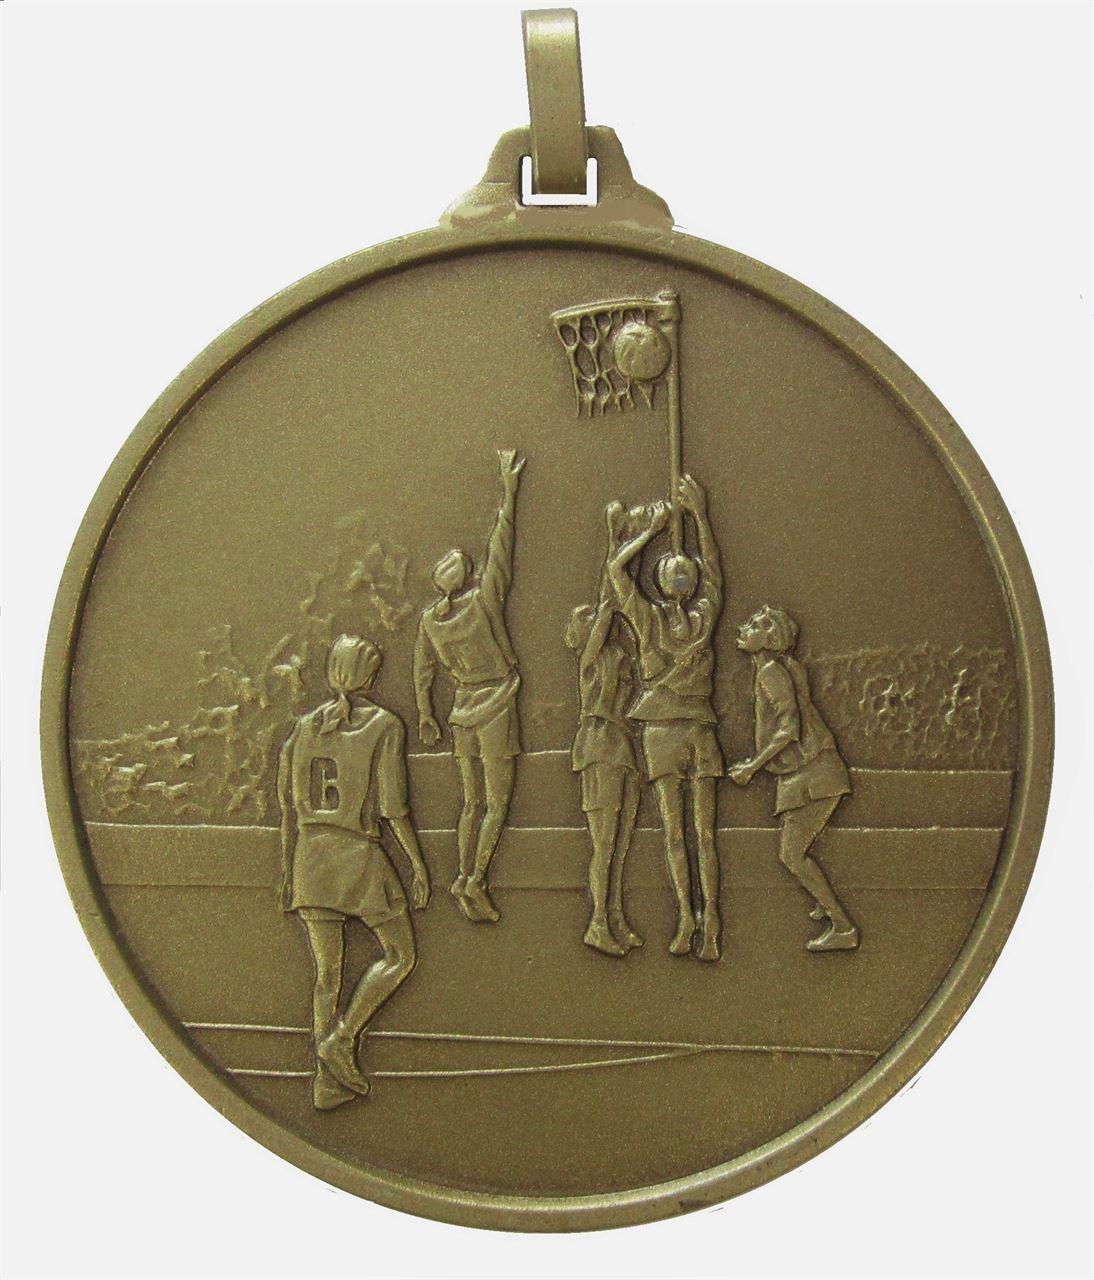 Bronze Economy Netball Medal (size: 52mm) - 899E